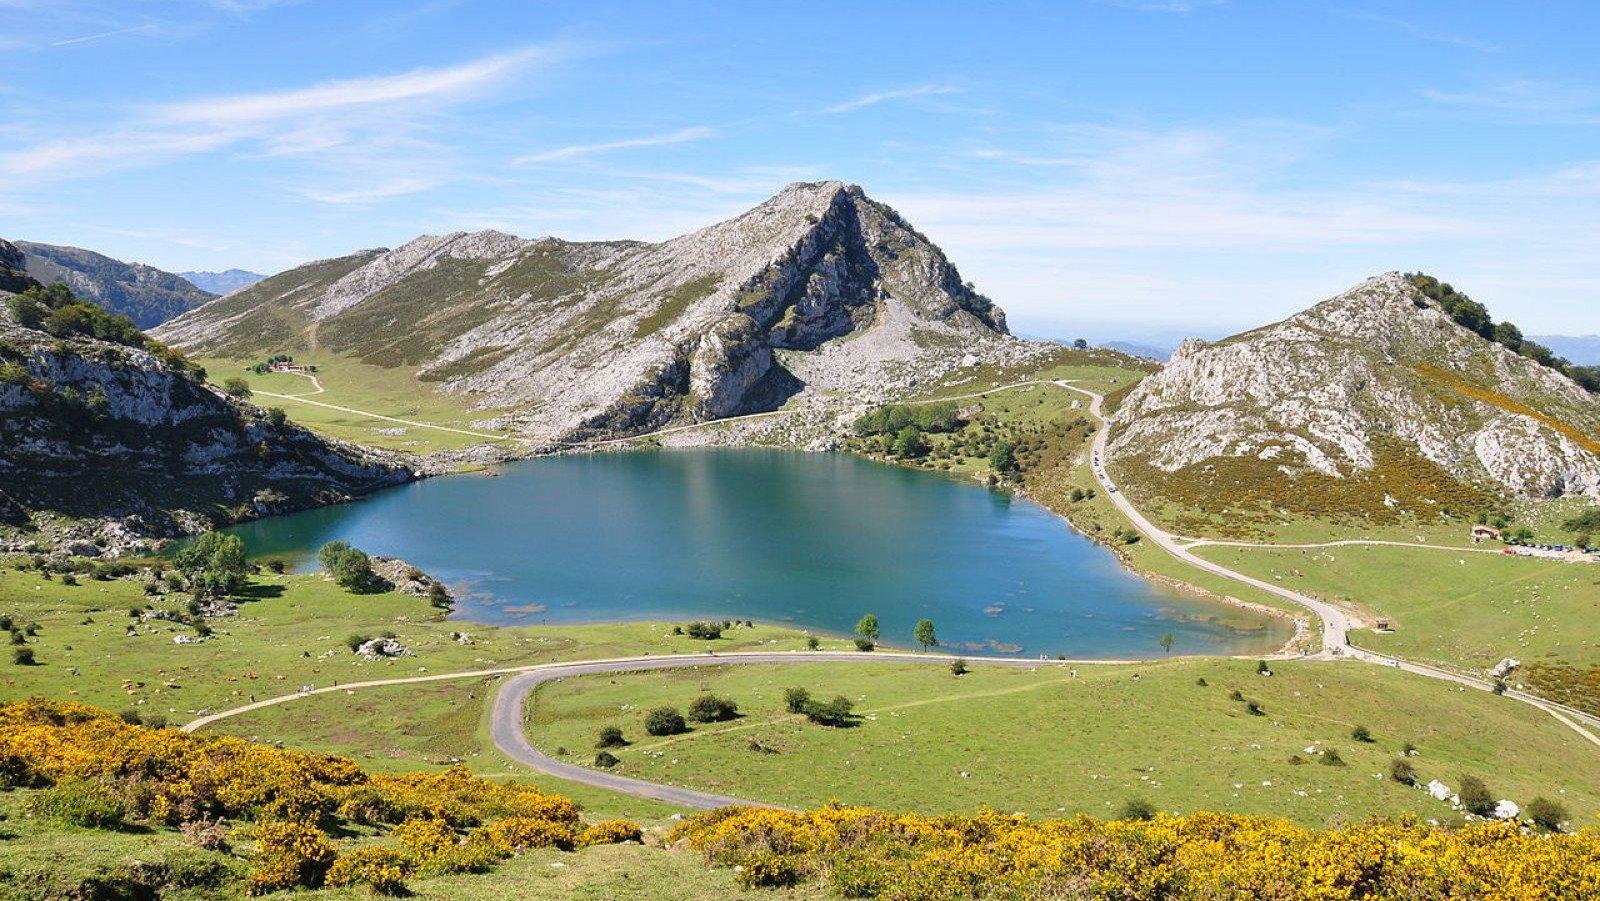 Vista del Lago Enol, uno de los lagos de Covadonga.